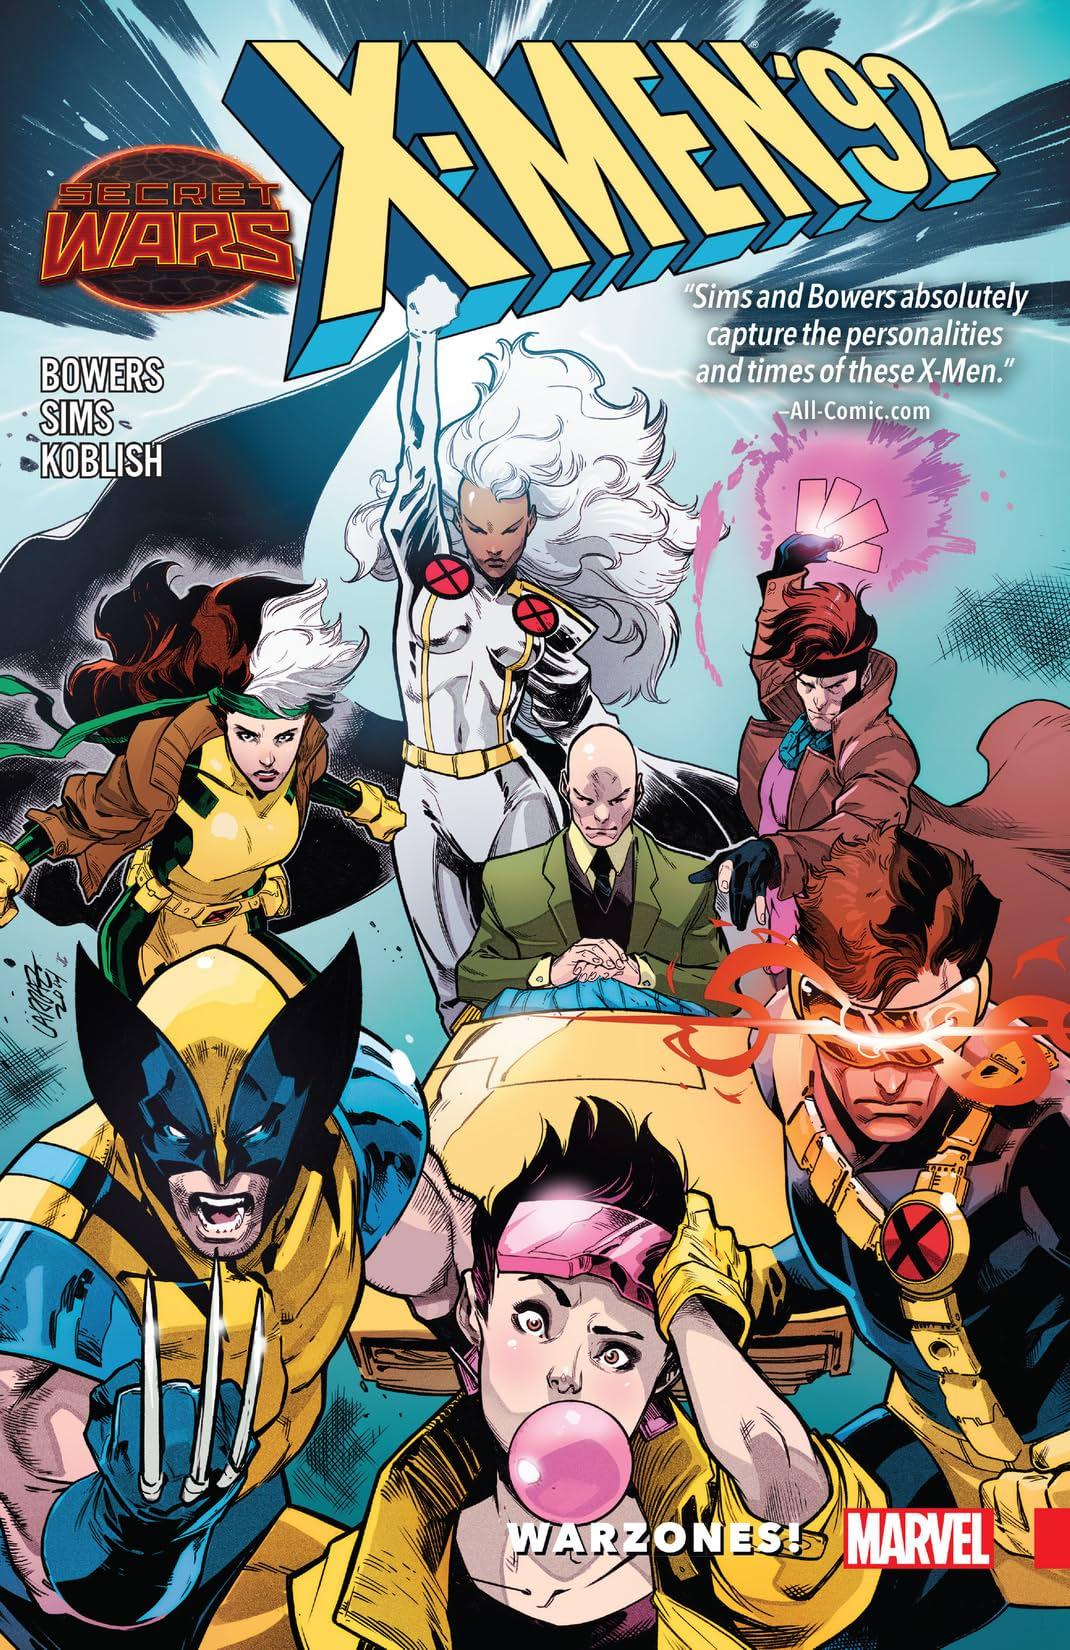 X-Men '92: Warzones!